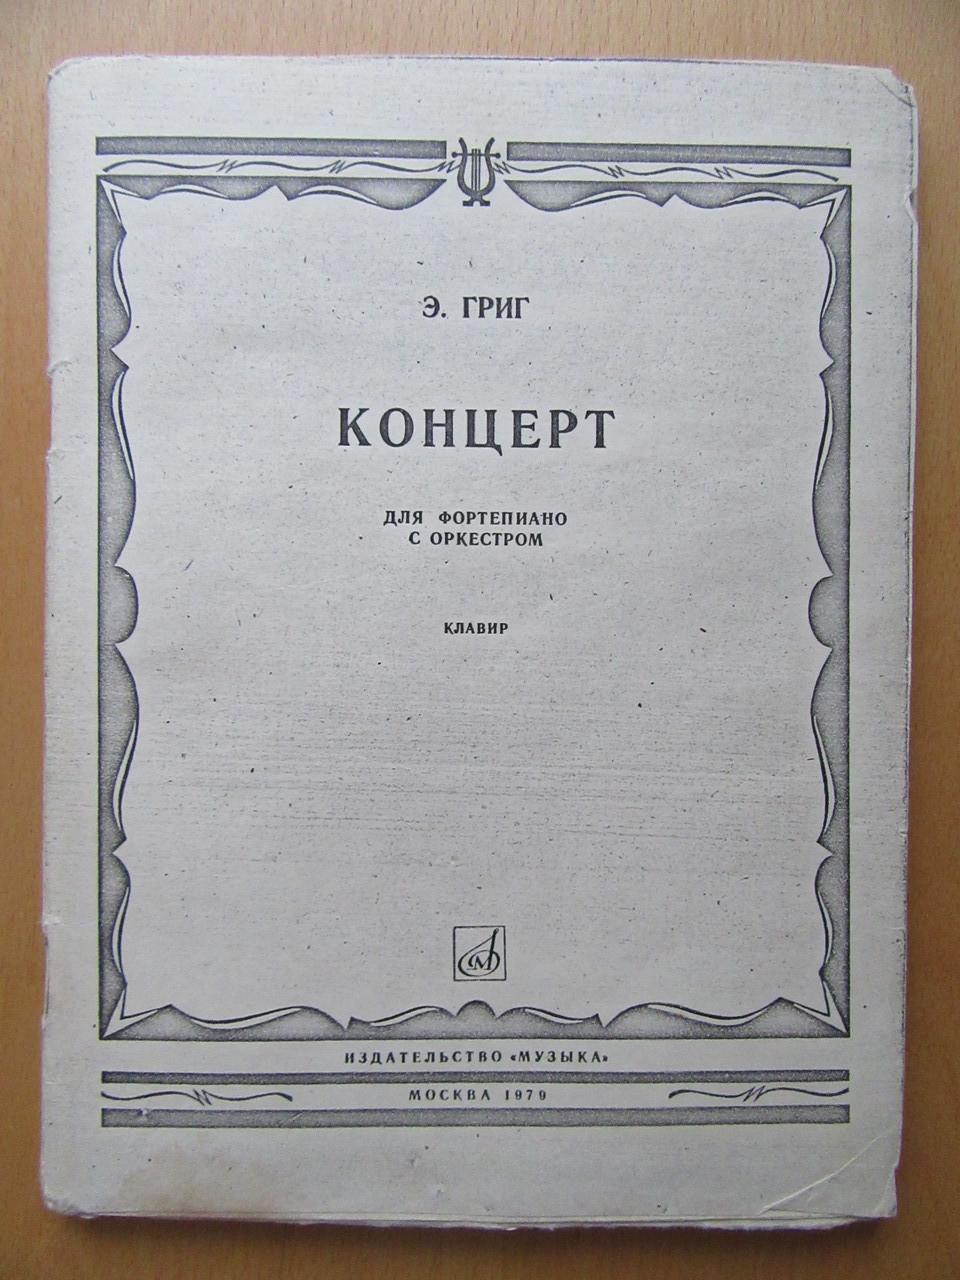 Э.Григ. Концерт для фортепиано с оркестром. Клавир